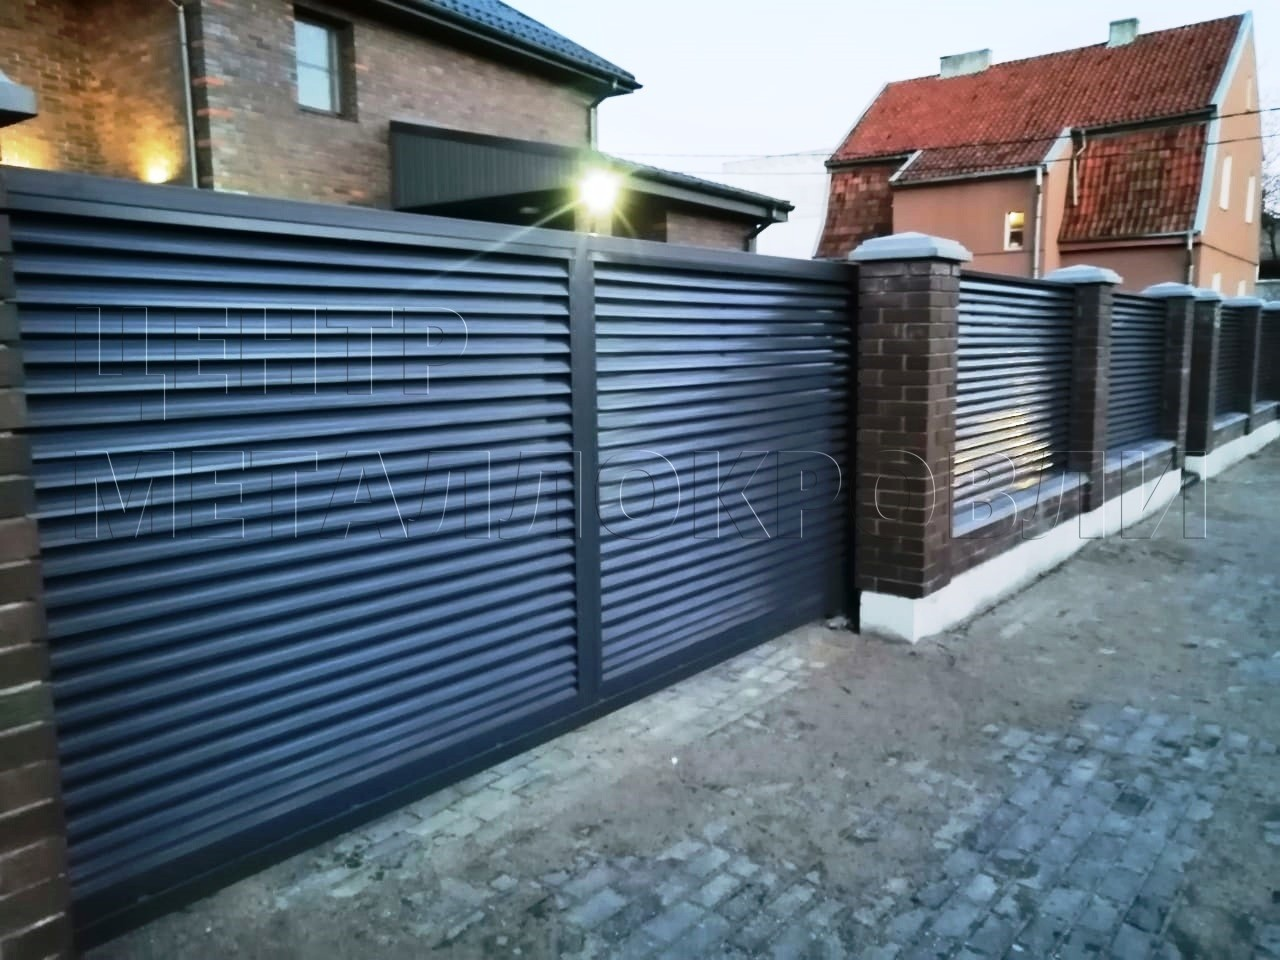 Забор-жалюзи в Калининграде цвета «Серый графит»